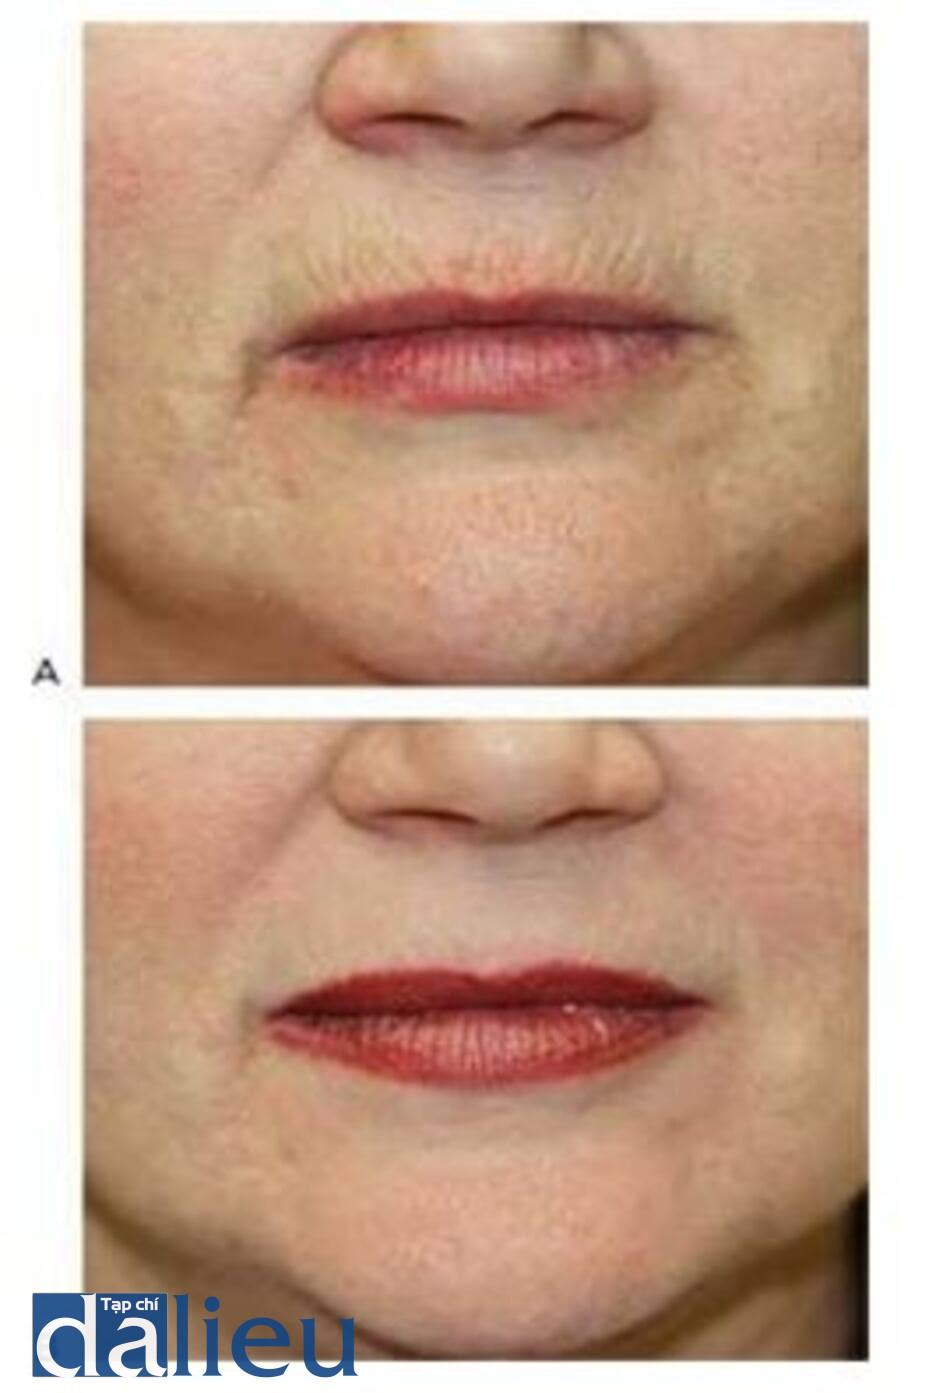 HÌNH 20 Các nếp nhăn tỏa ra ở môi trước (A)và sau khi (B)điều trị kết hợp với laser xâm lấn, tiêm filler, và tiêm độc tố botulinum.